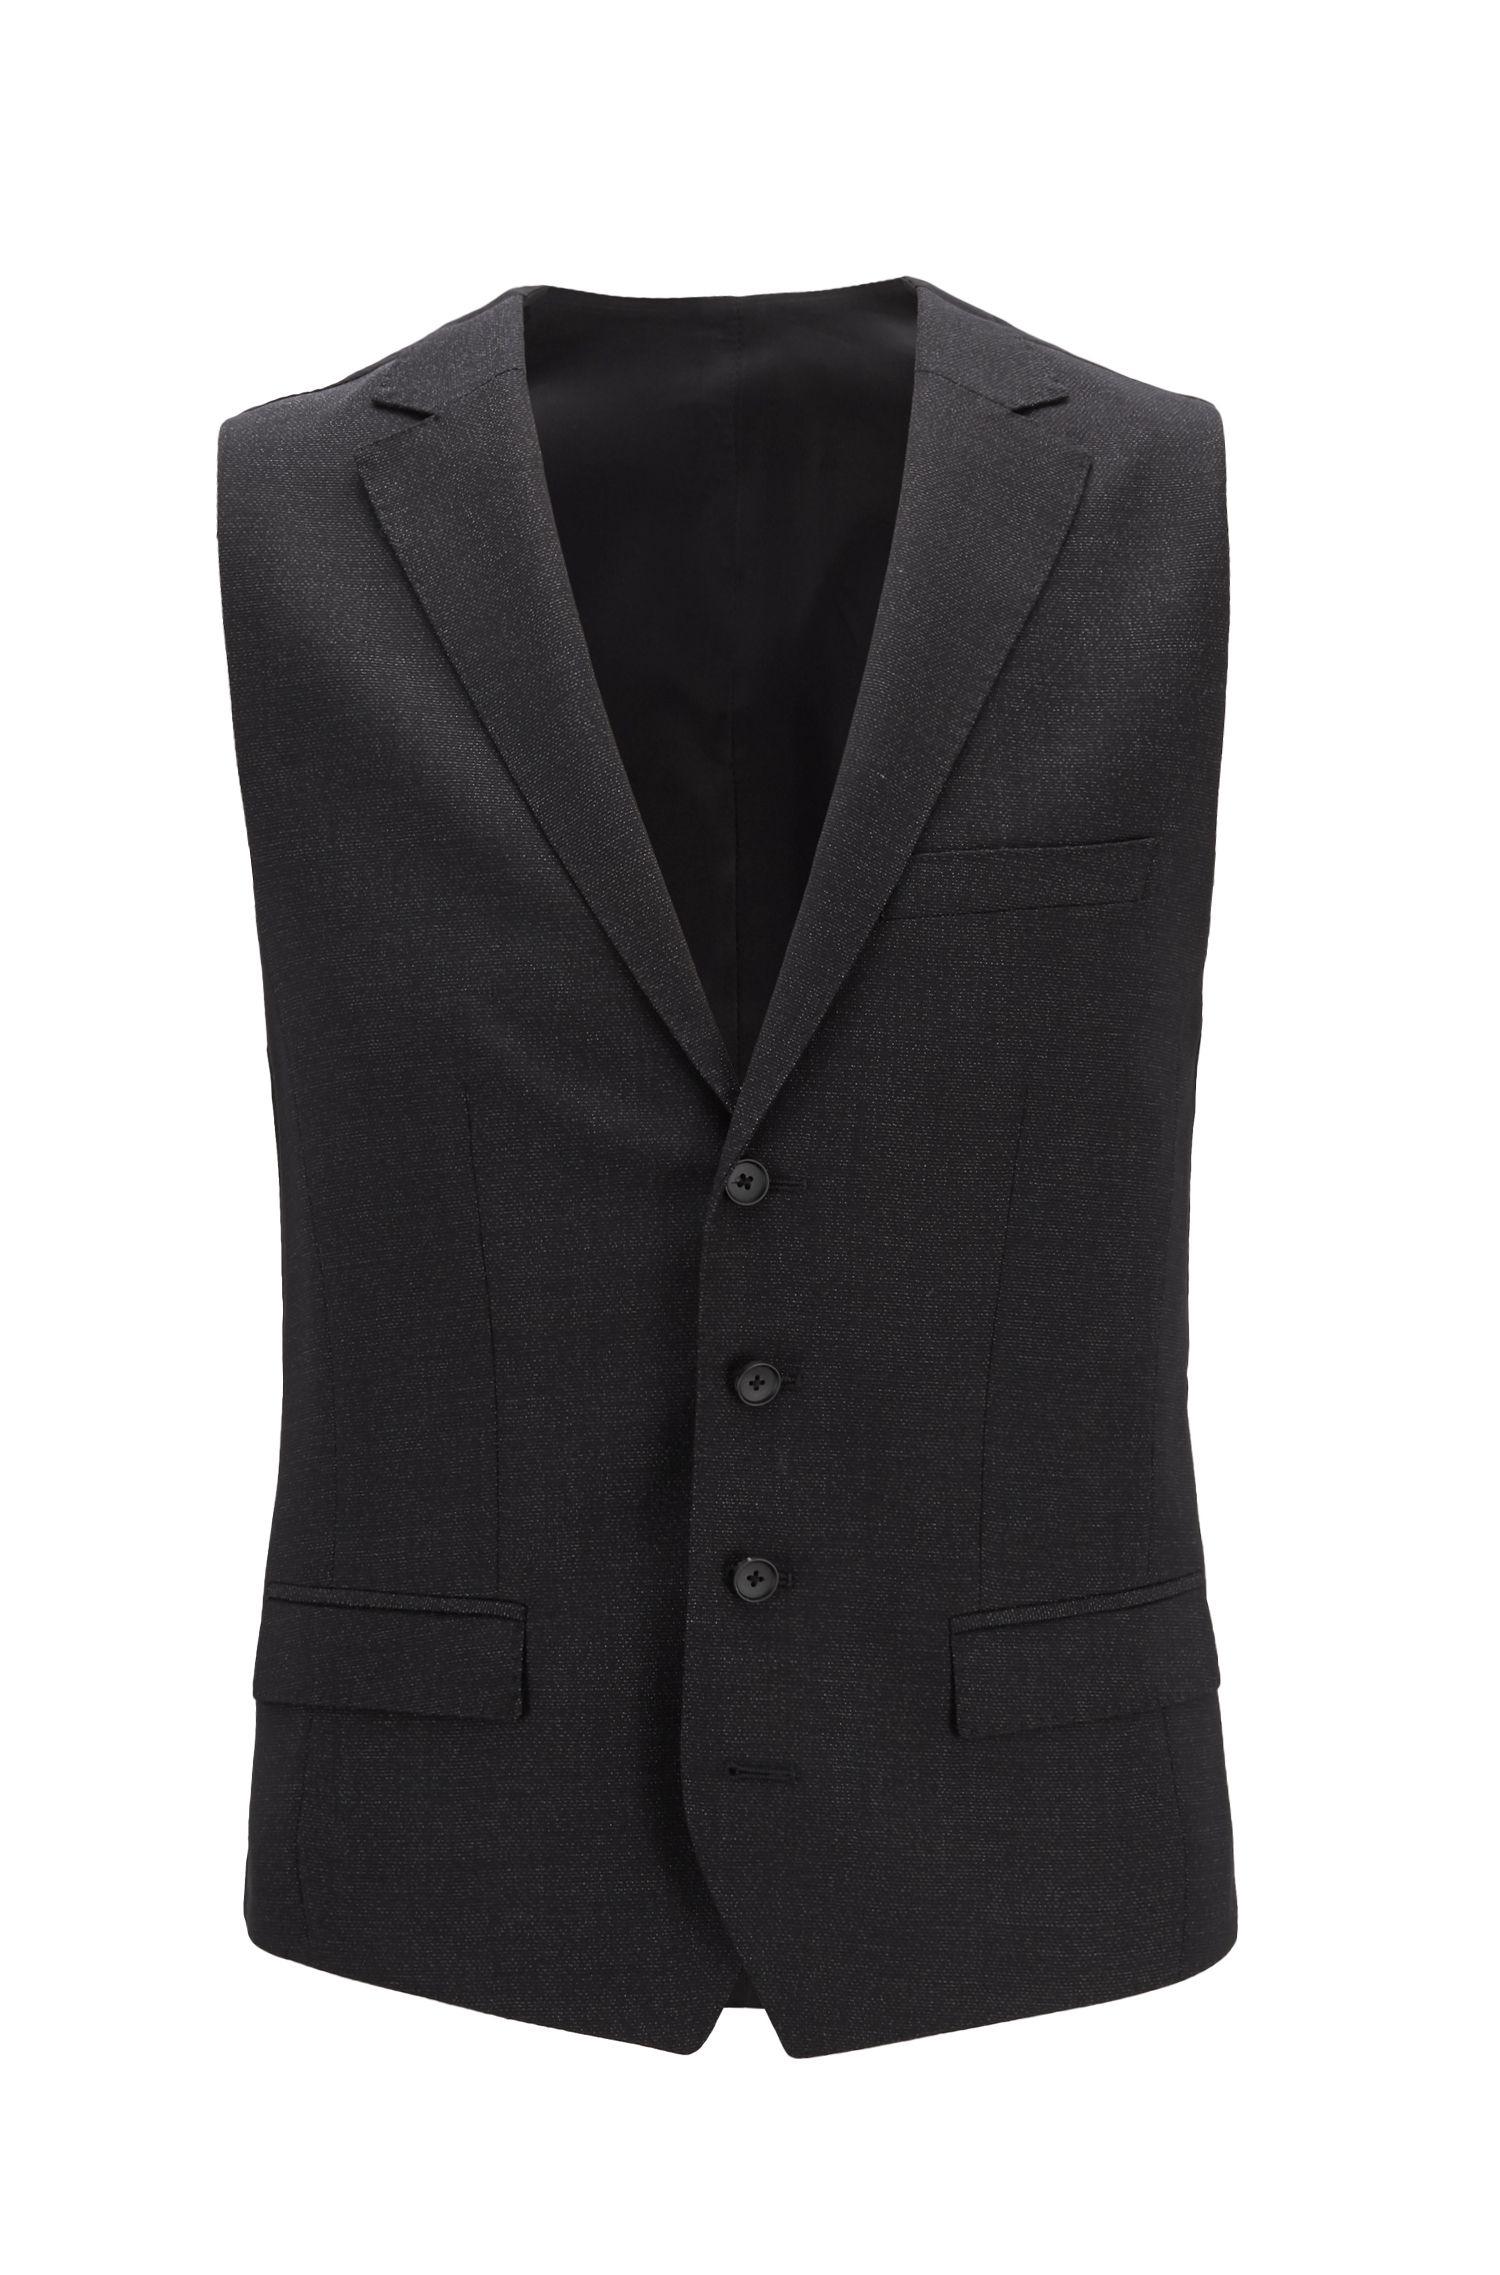 Gilet Slim Fit en laine vierge à micro motif, Noir